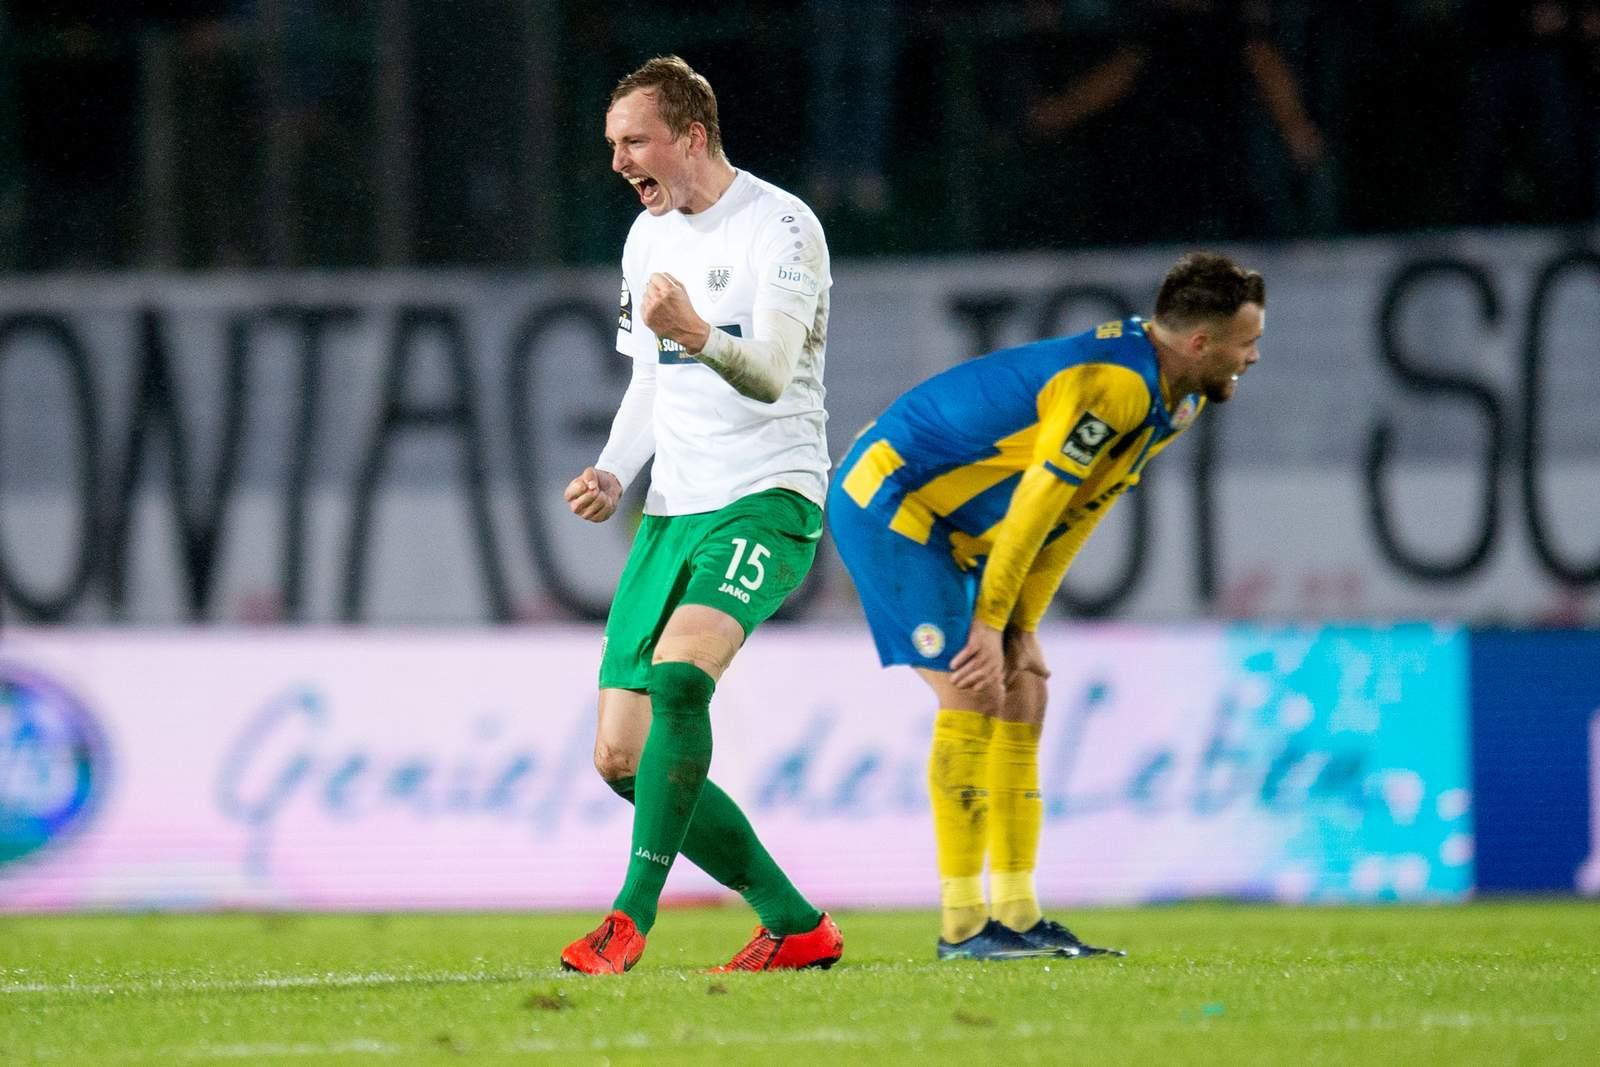 Simon Scherder bejubelt den Ausgleich gegen Braunschweig.